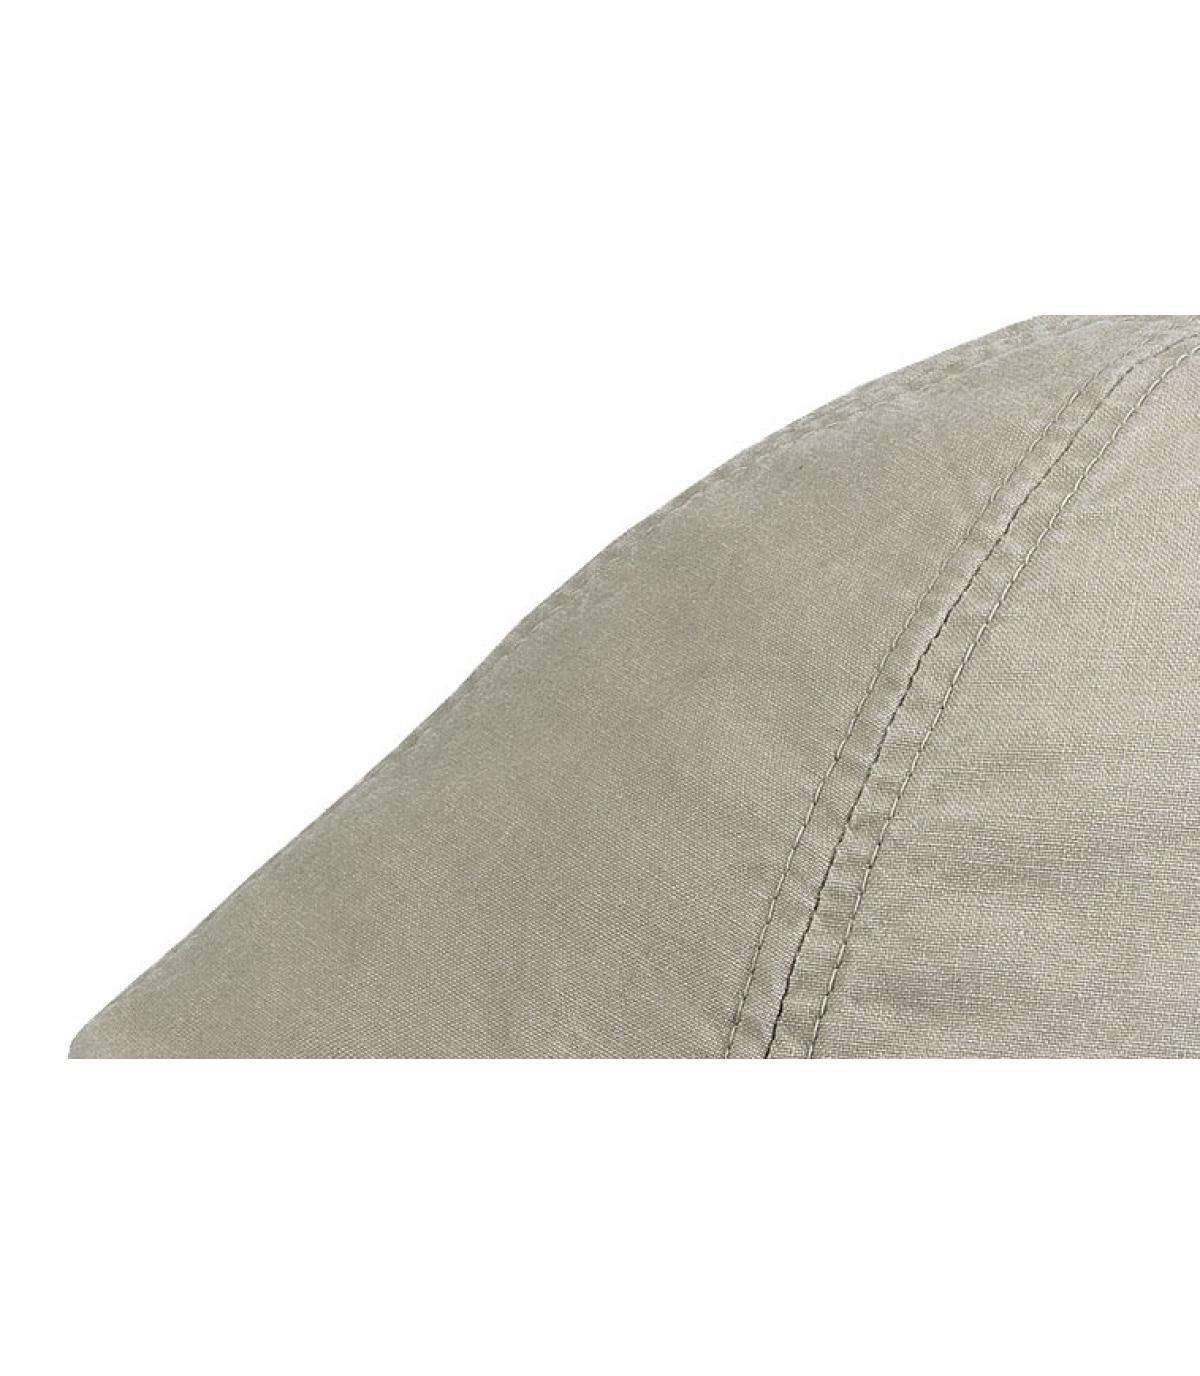 Détails Texas organic cotton beige - image 2